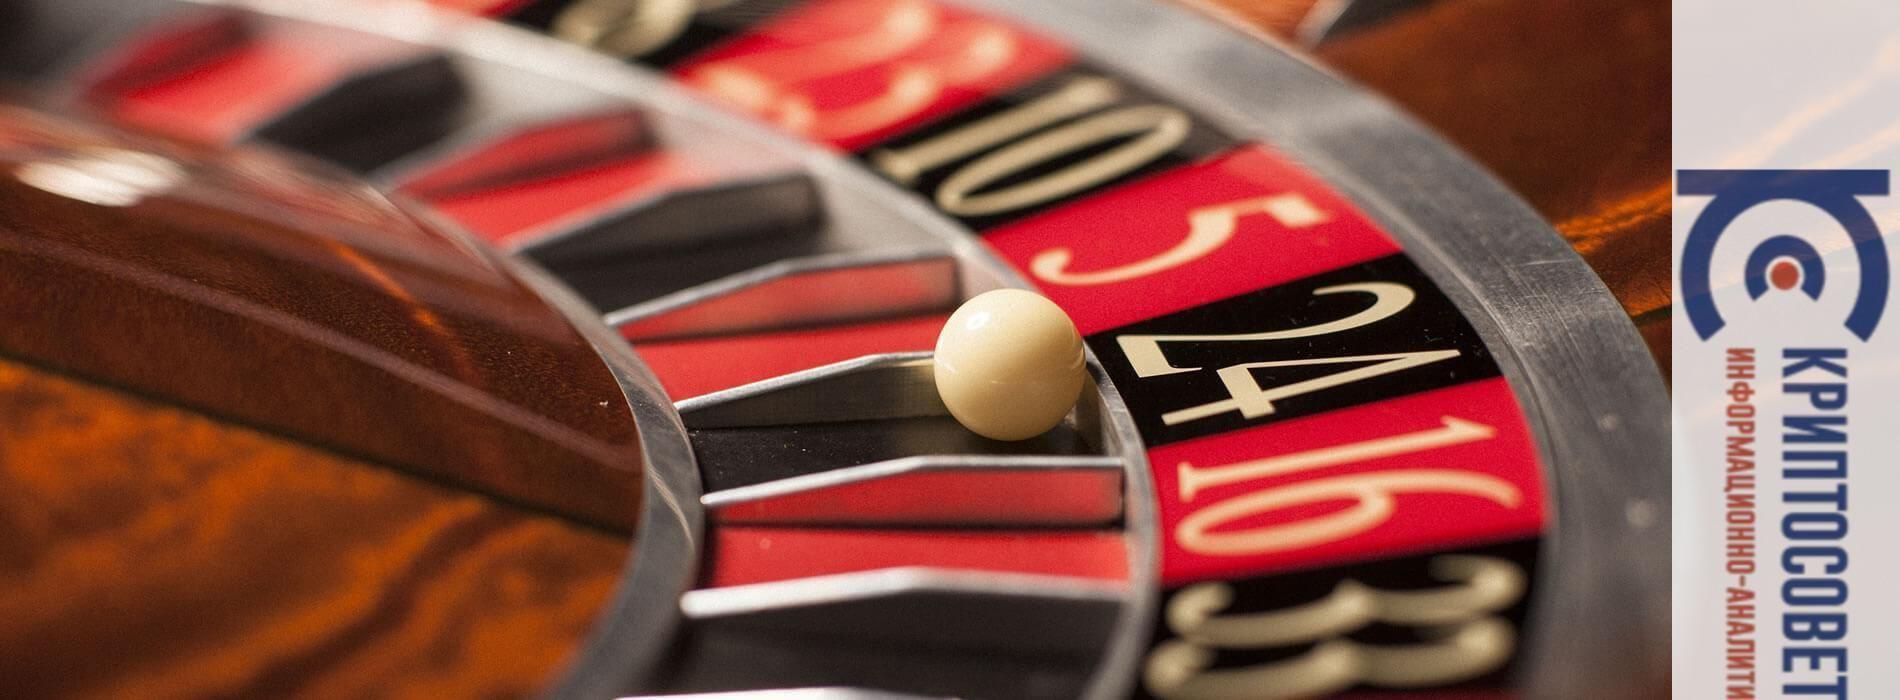 Майнинг казино как называются игровые автоматы в казино